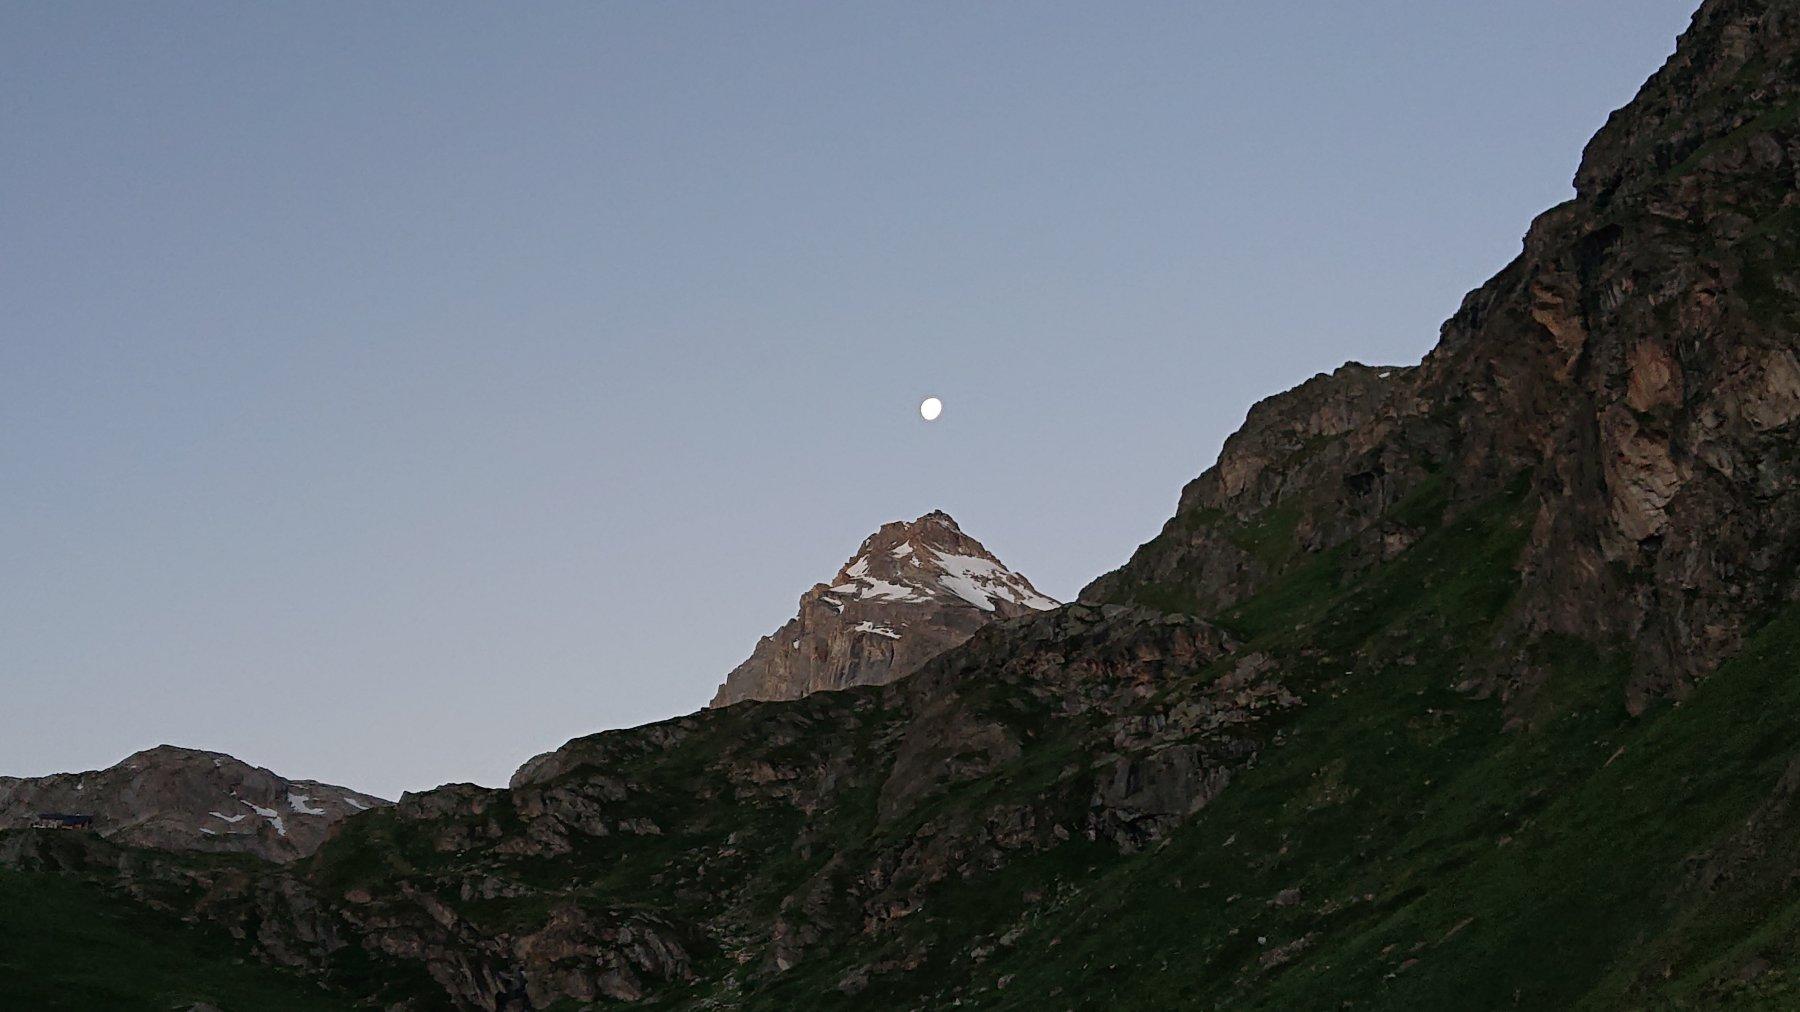 La luna ci indica la nostra meta.